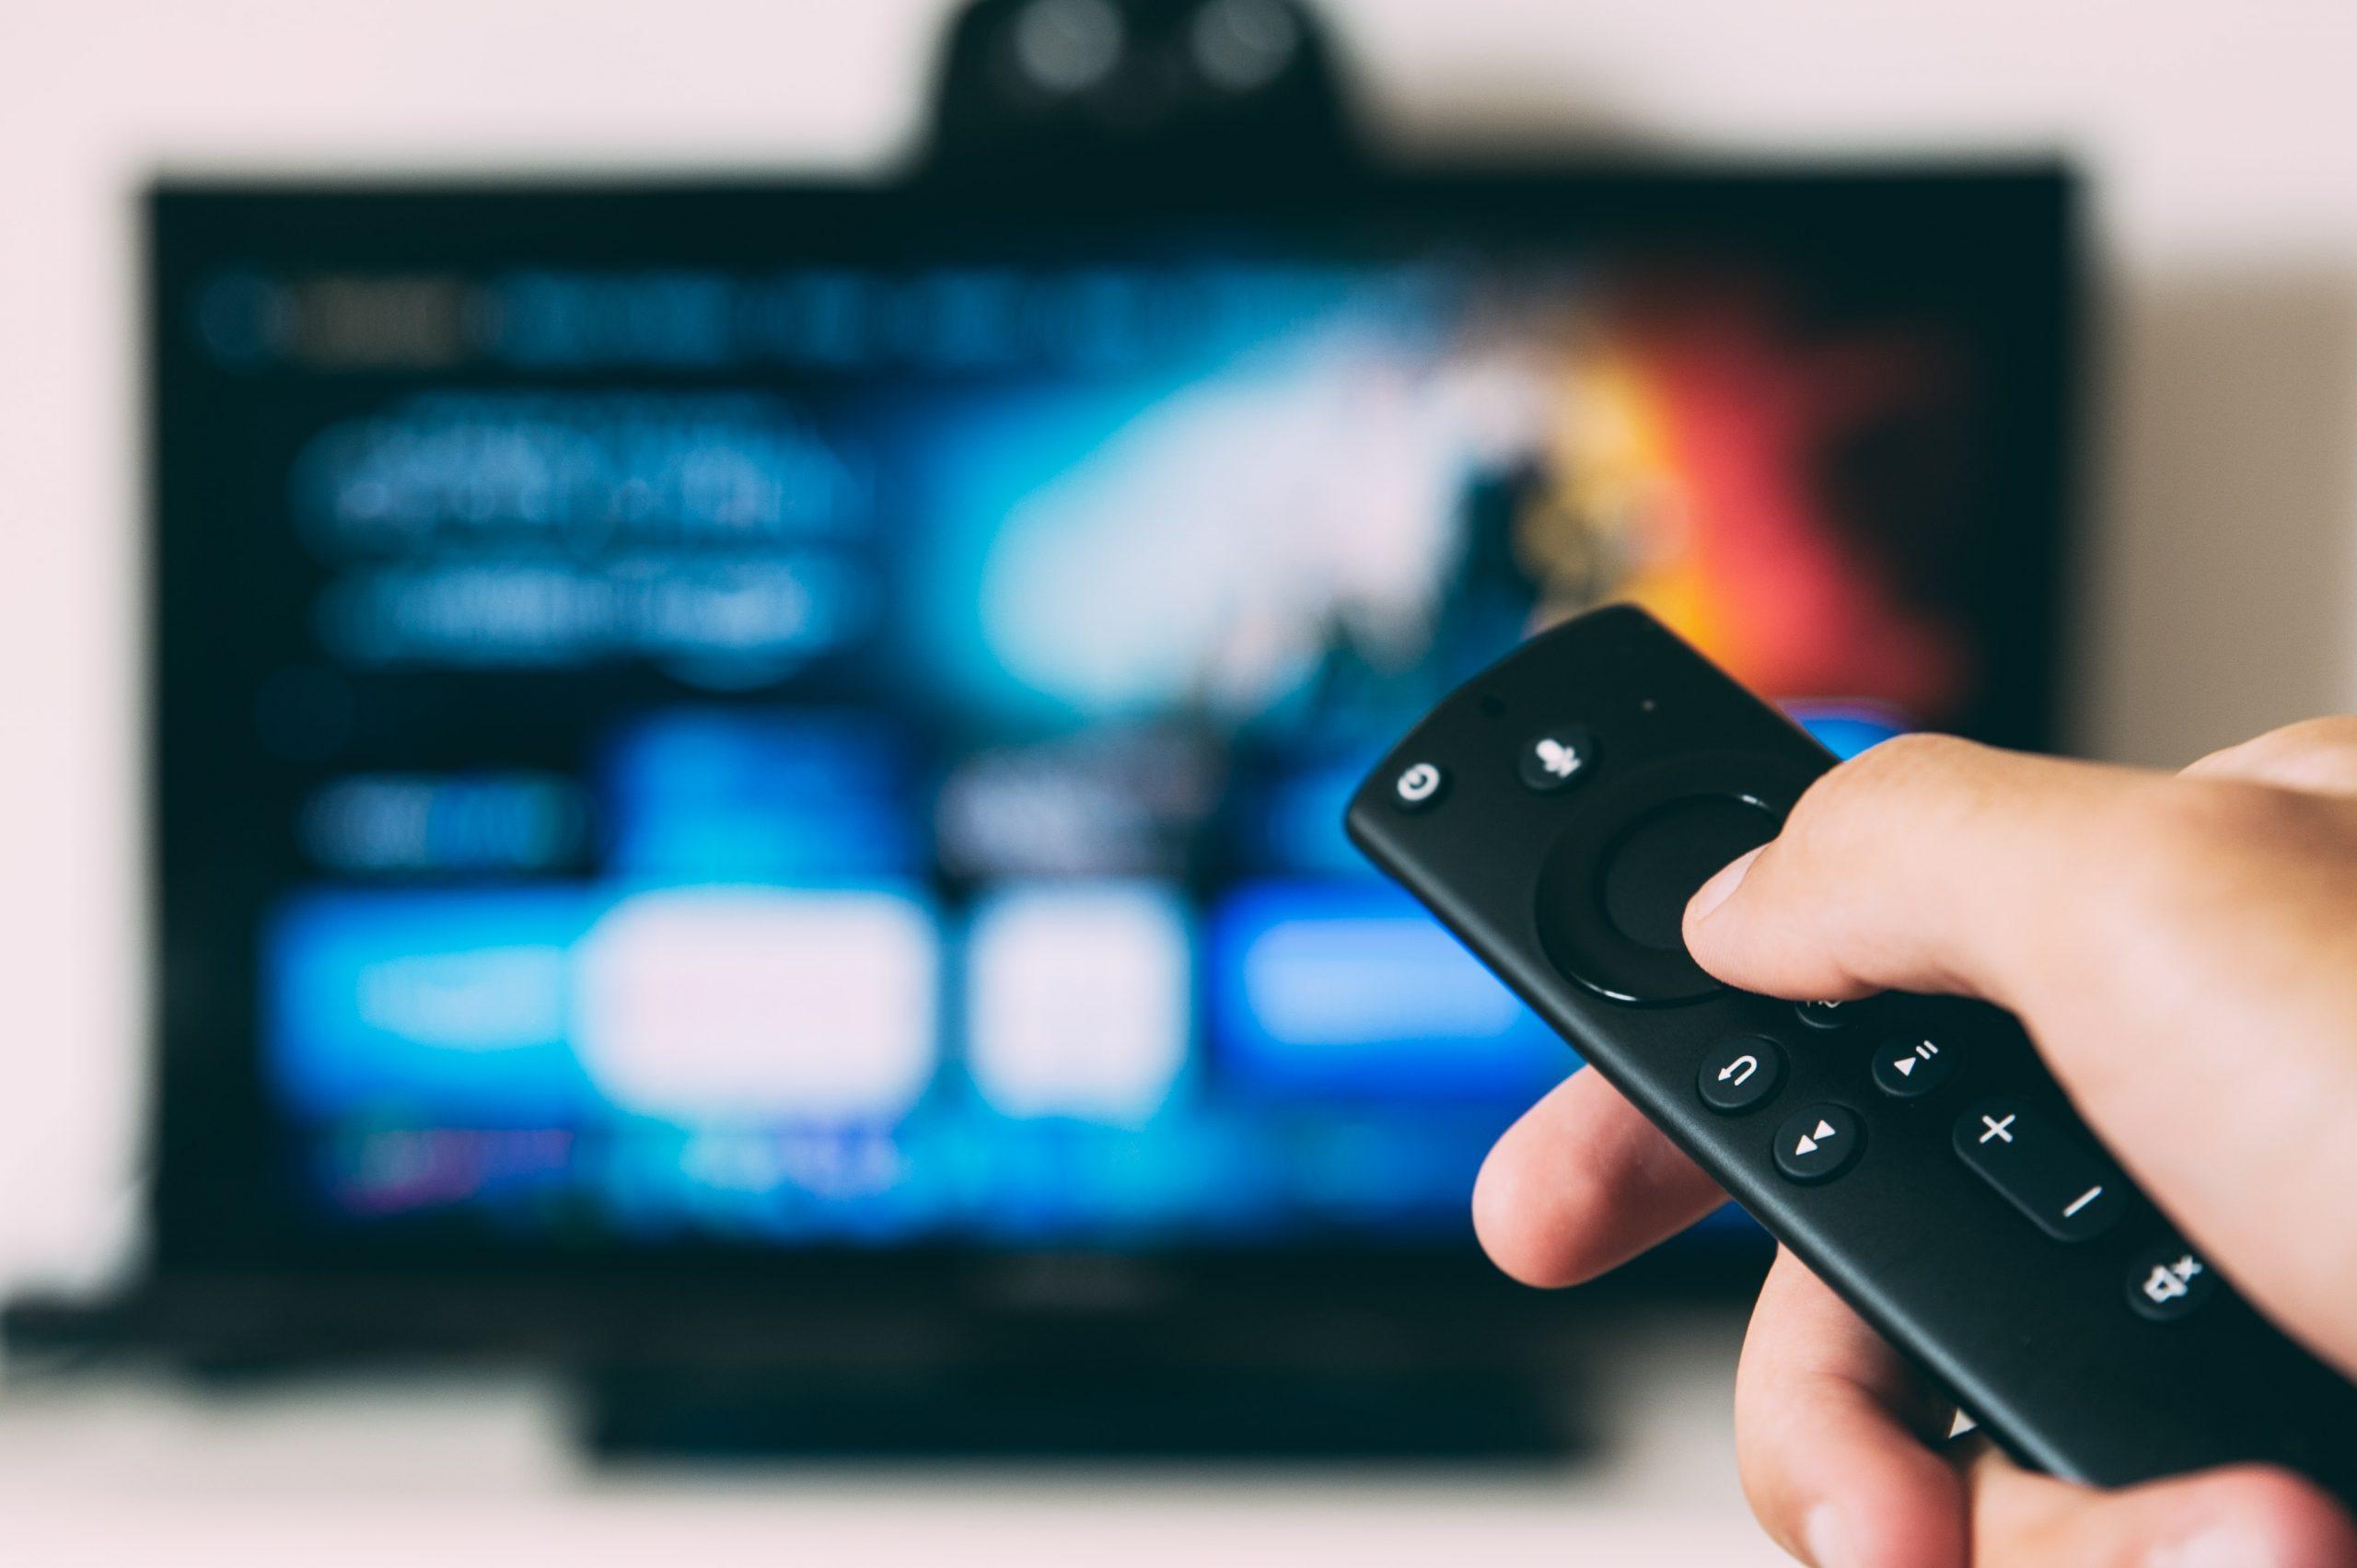 uma pessoa segurando um controle remoto preto na mão e apontando para uma televisão